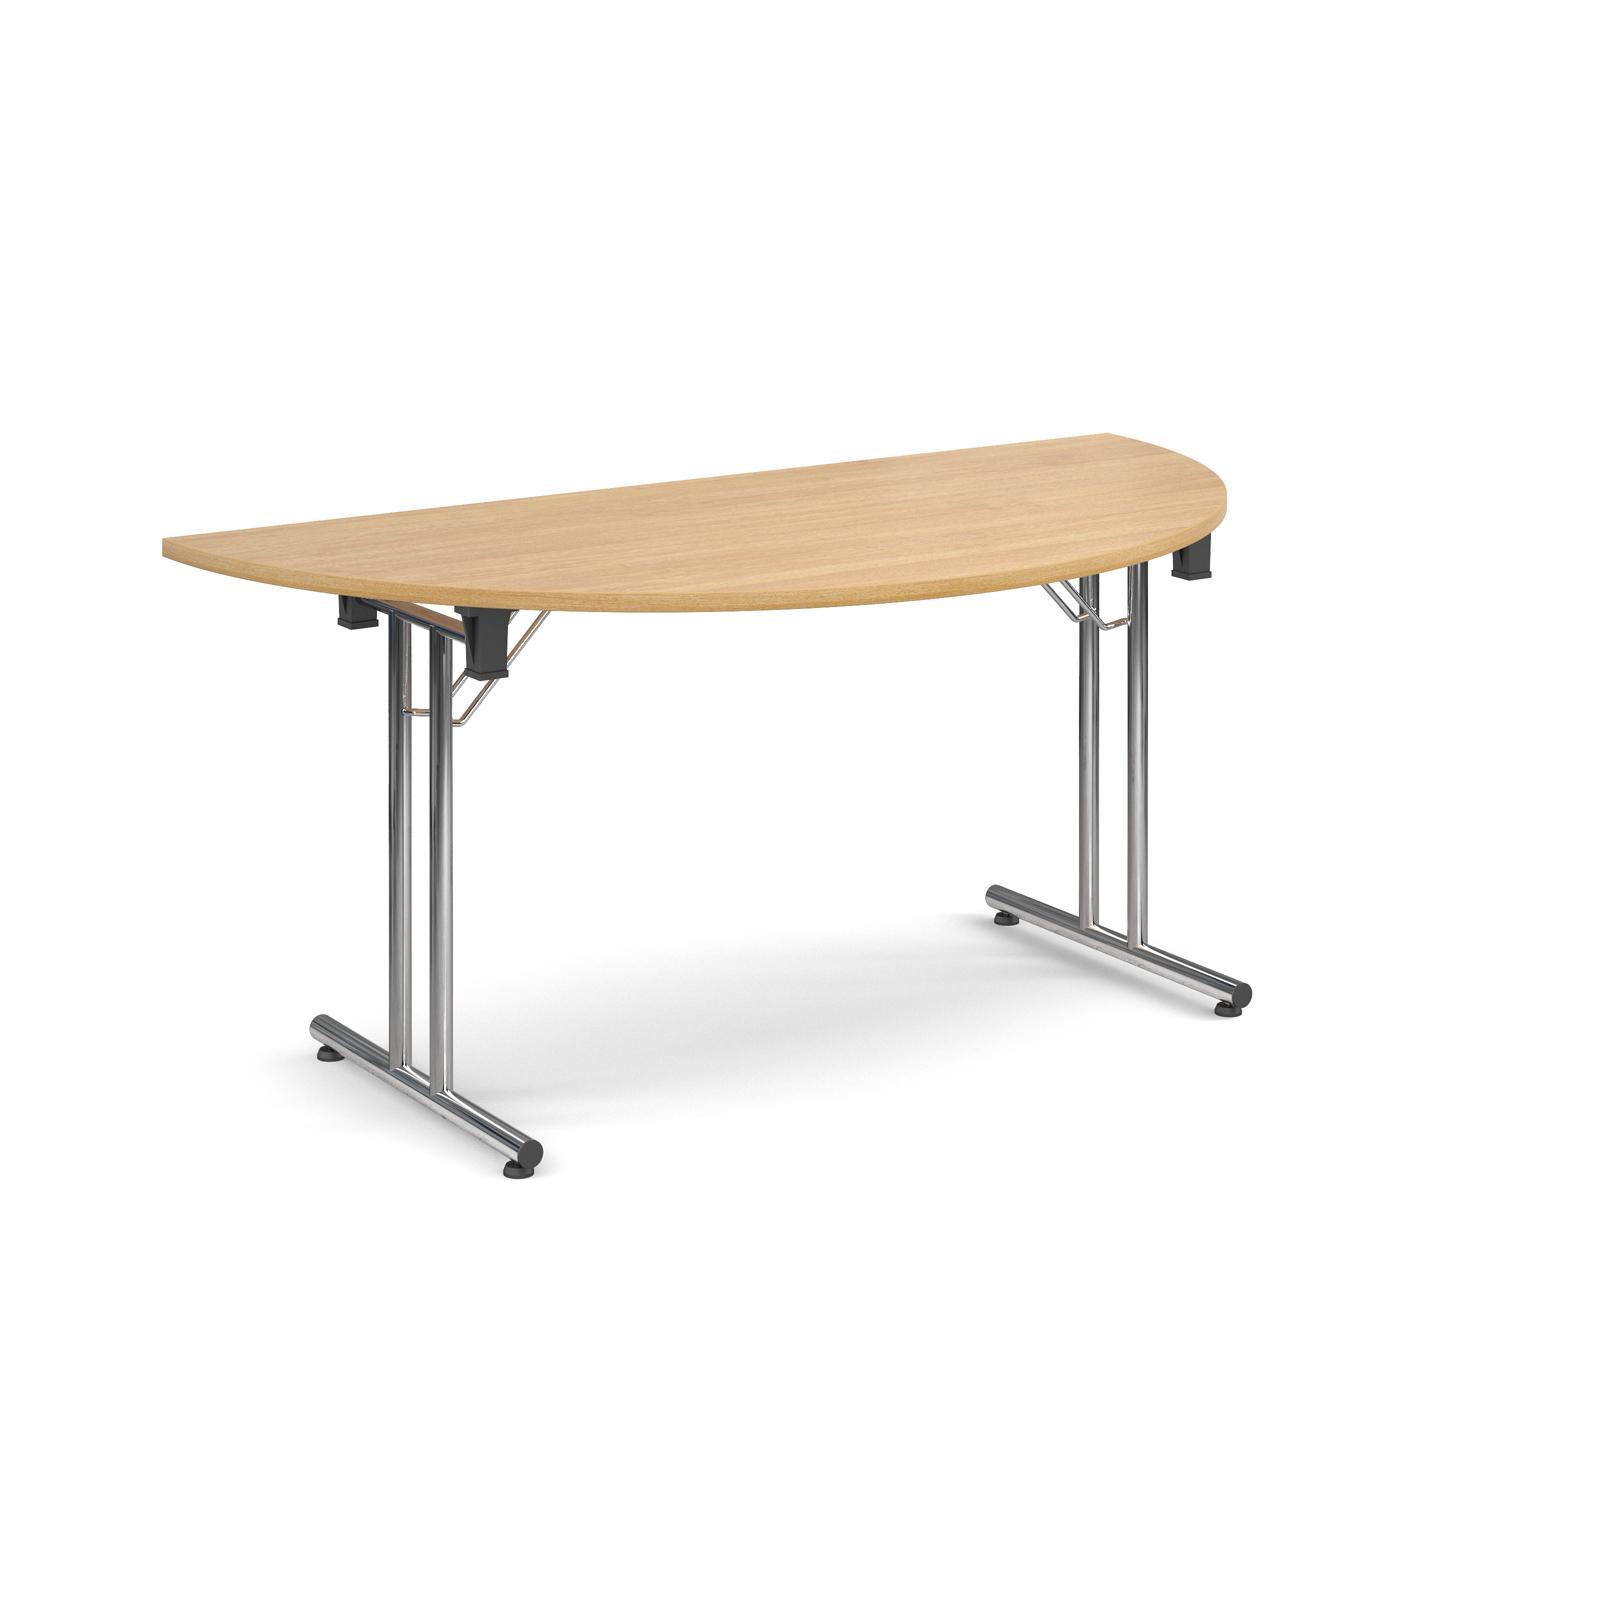 Semi circular deluxe folding leg table 1600mm x 800mm - oak